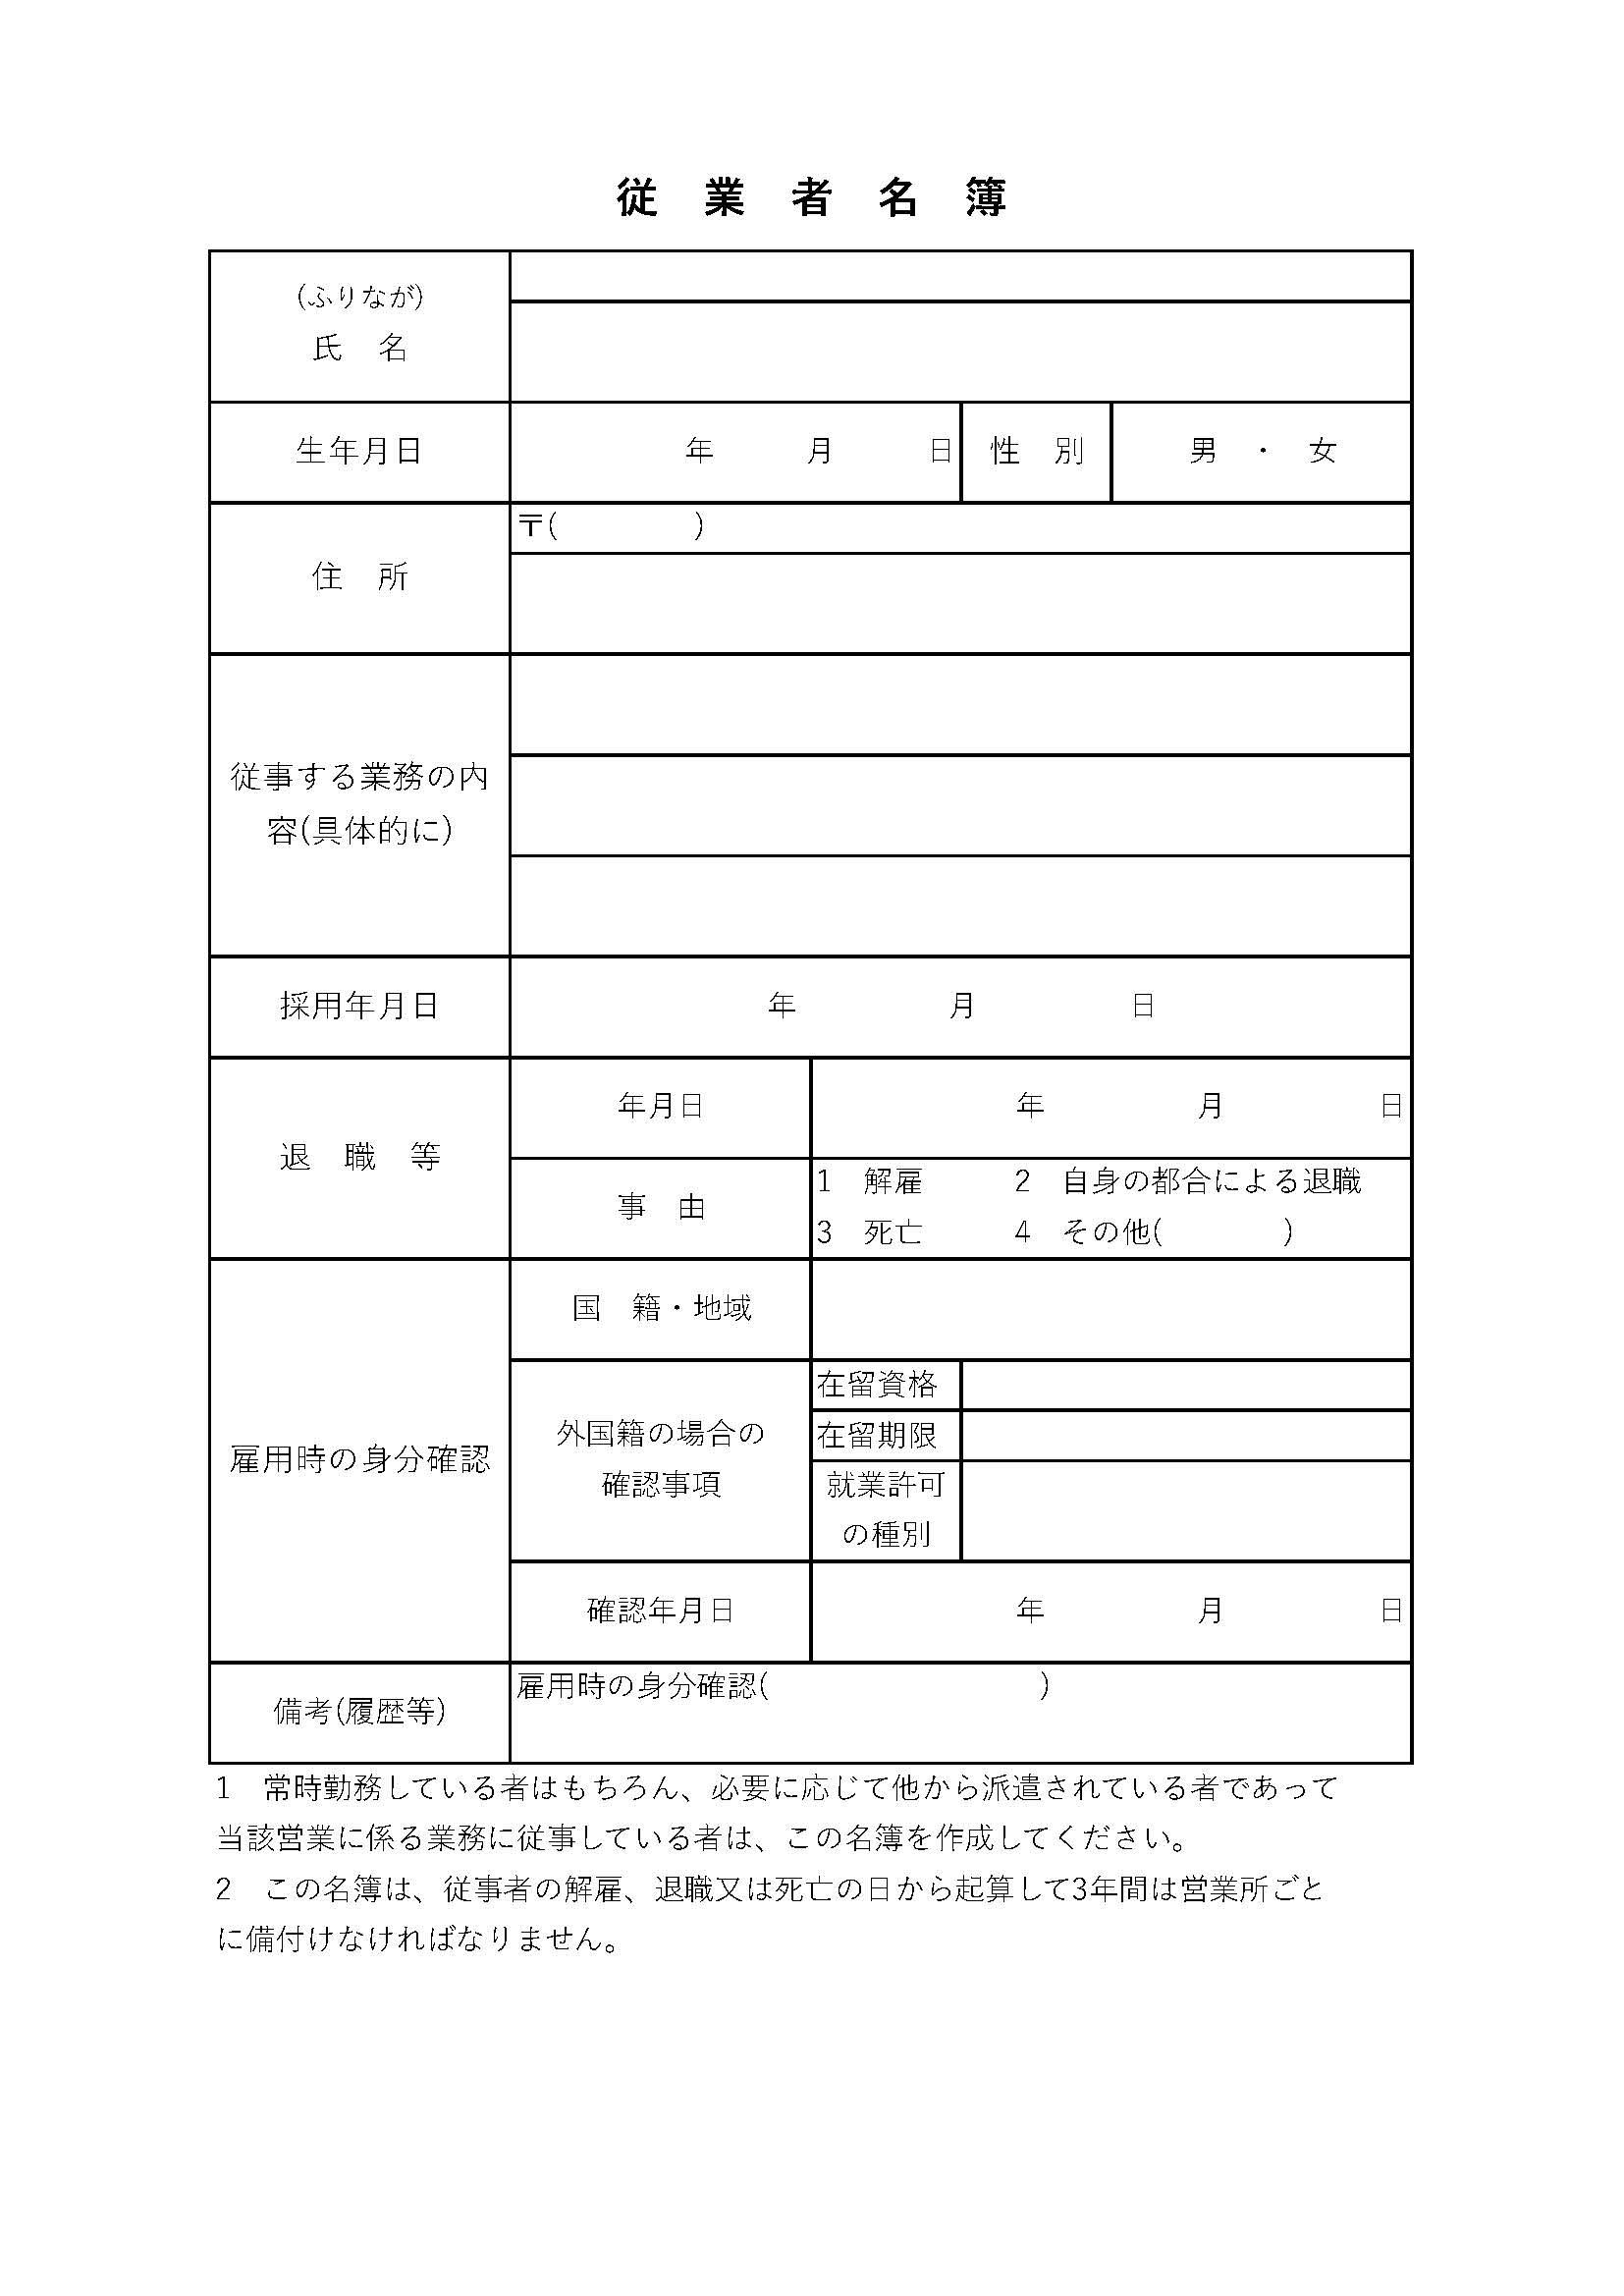 従業者名簿の書き方について/風俗営業許可申請の必要書類④